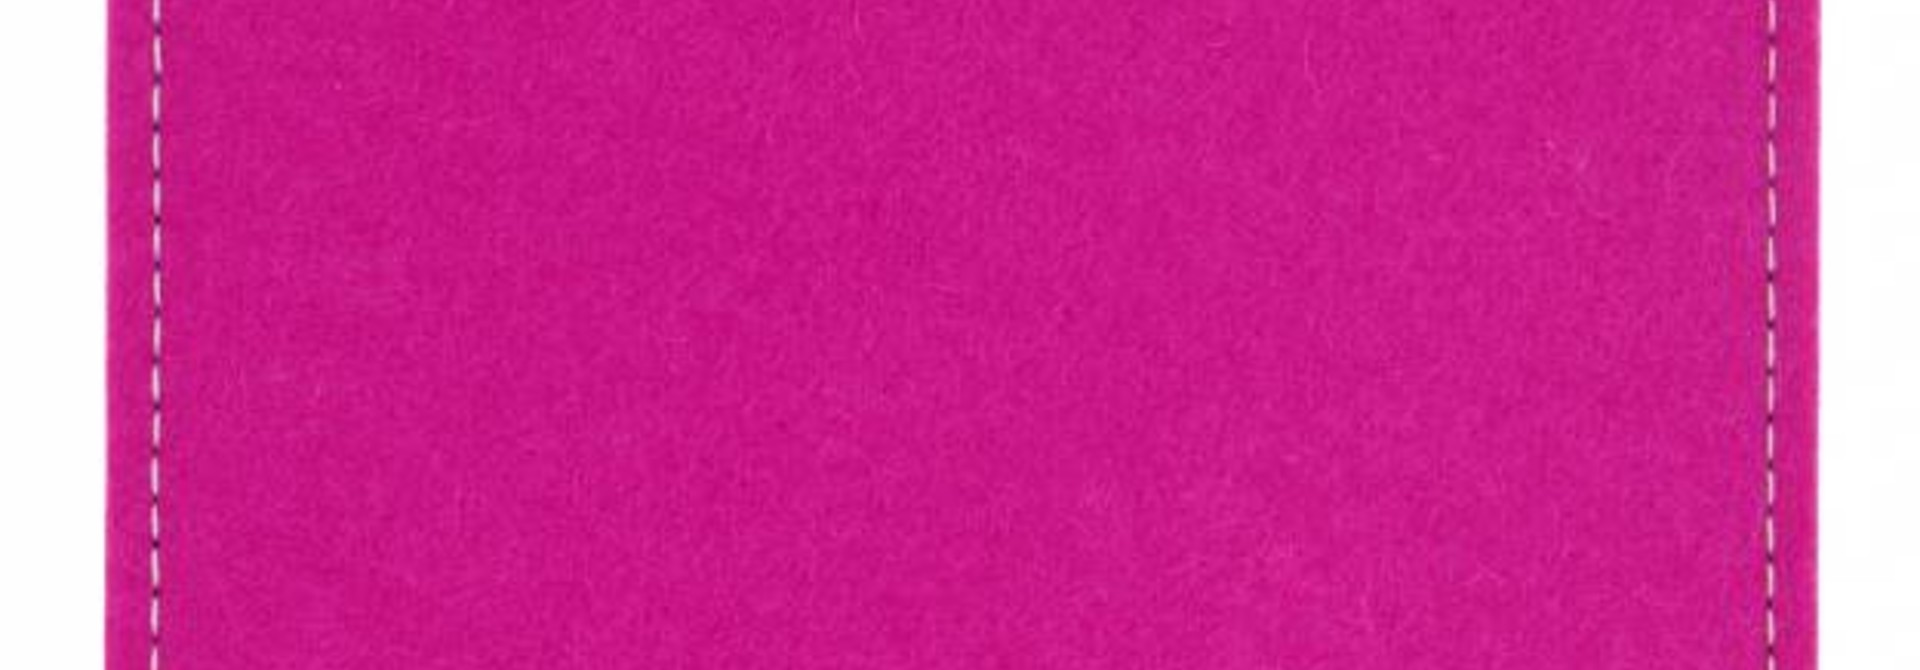 Kindle Sleeve Pink